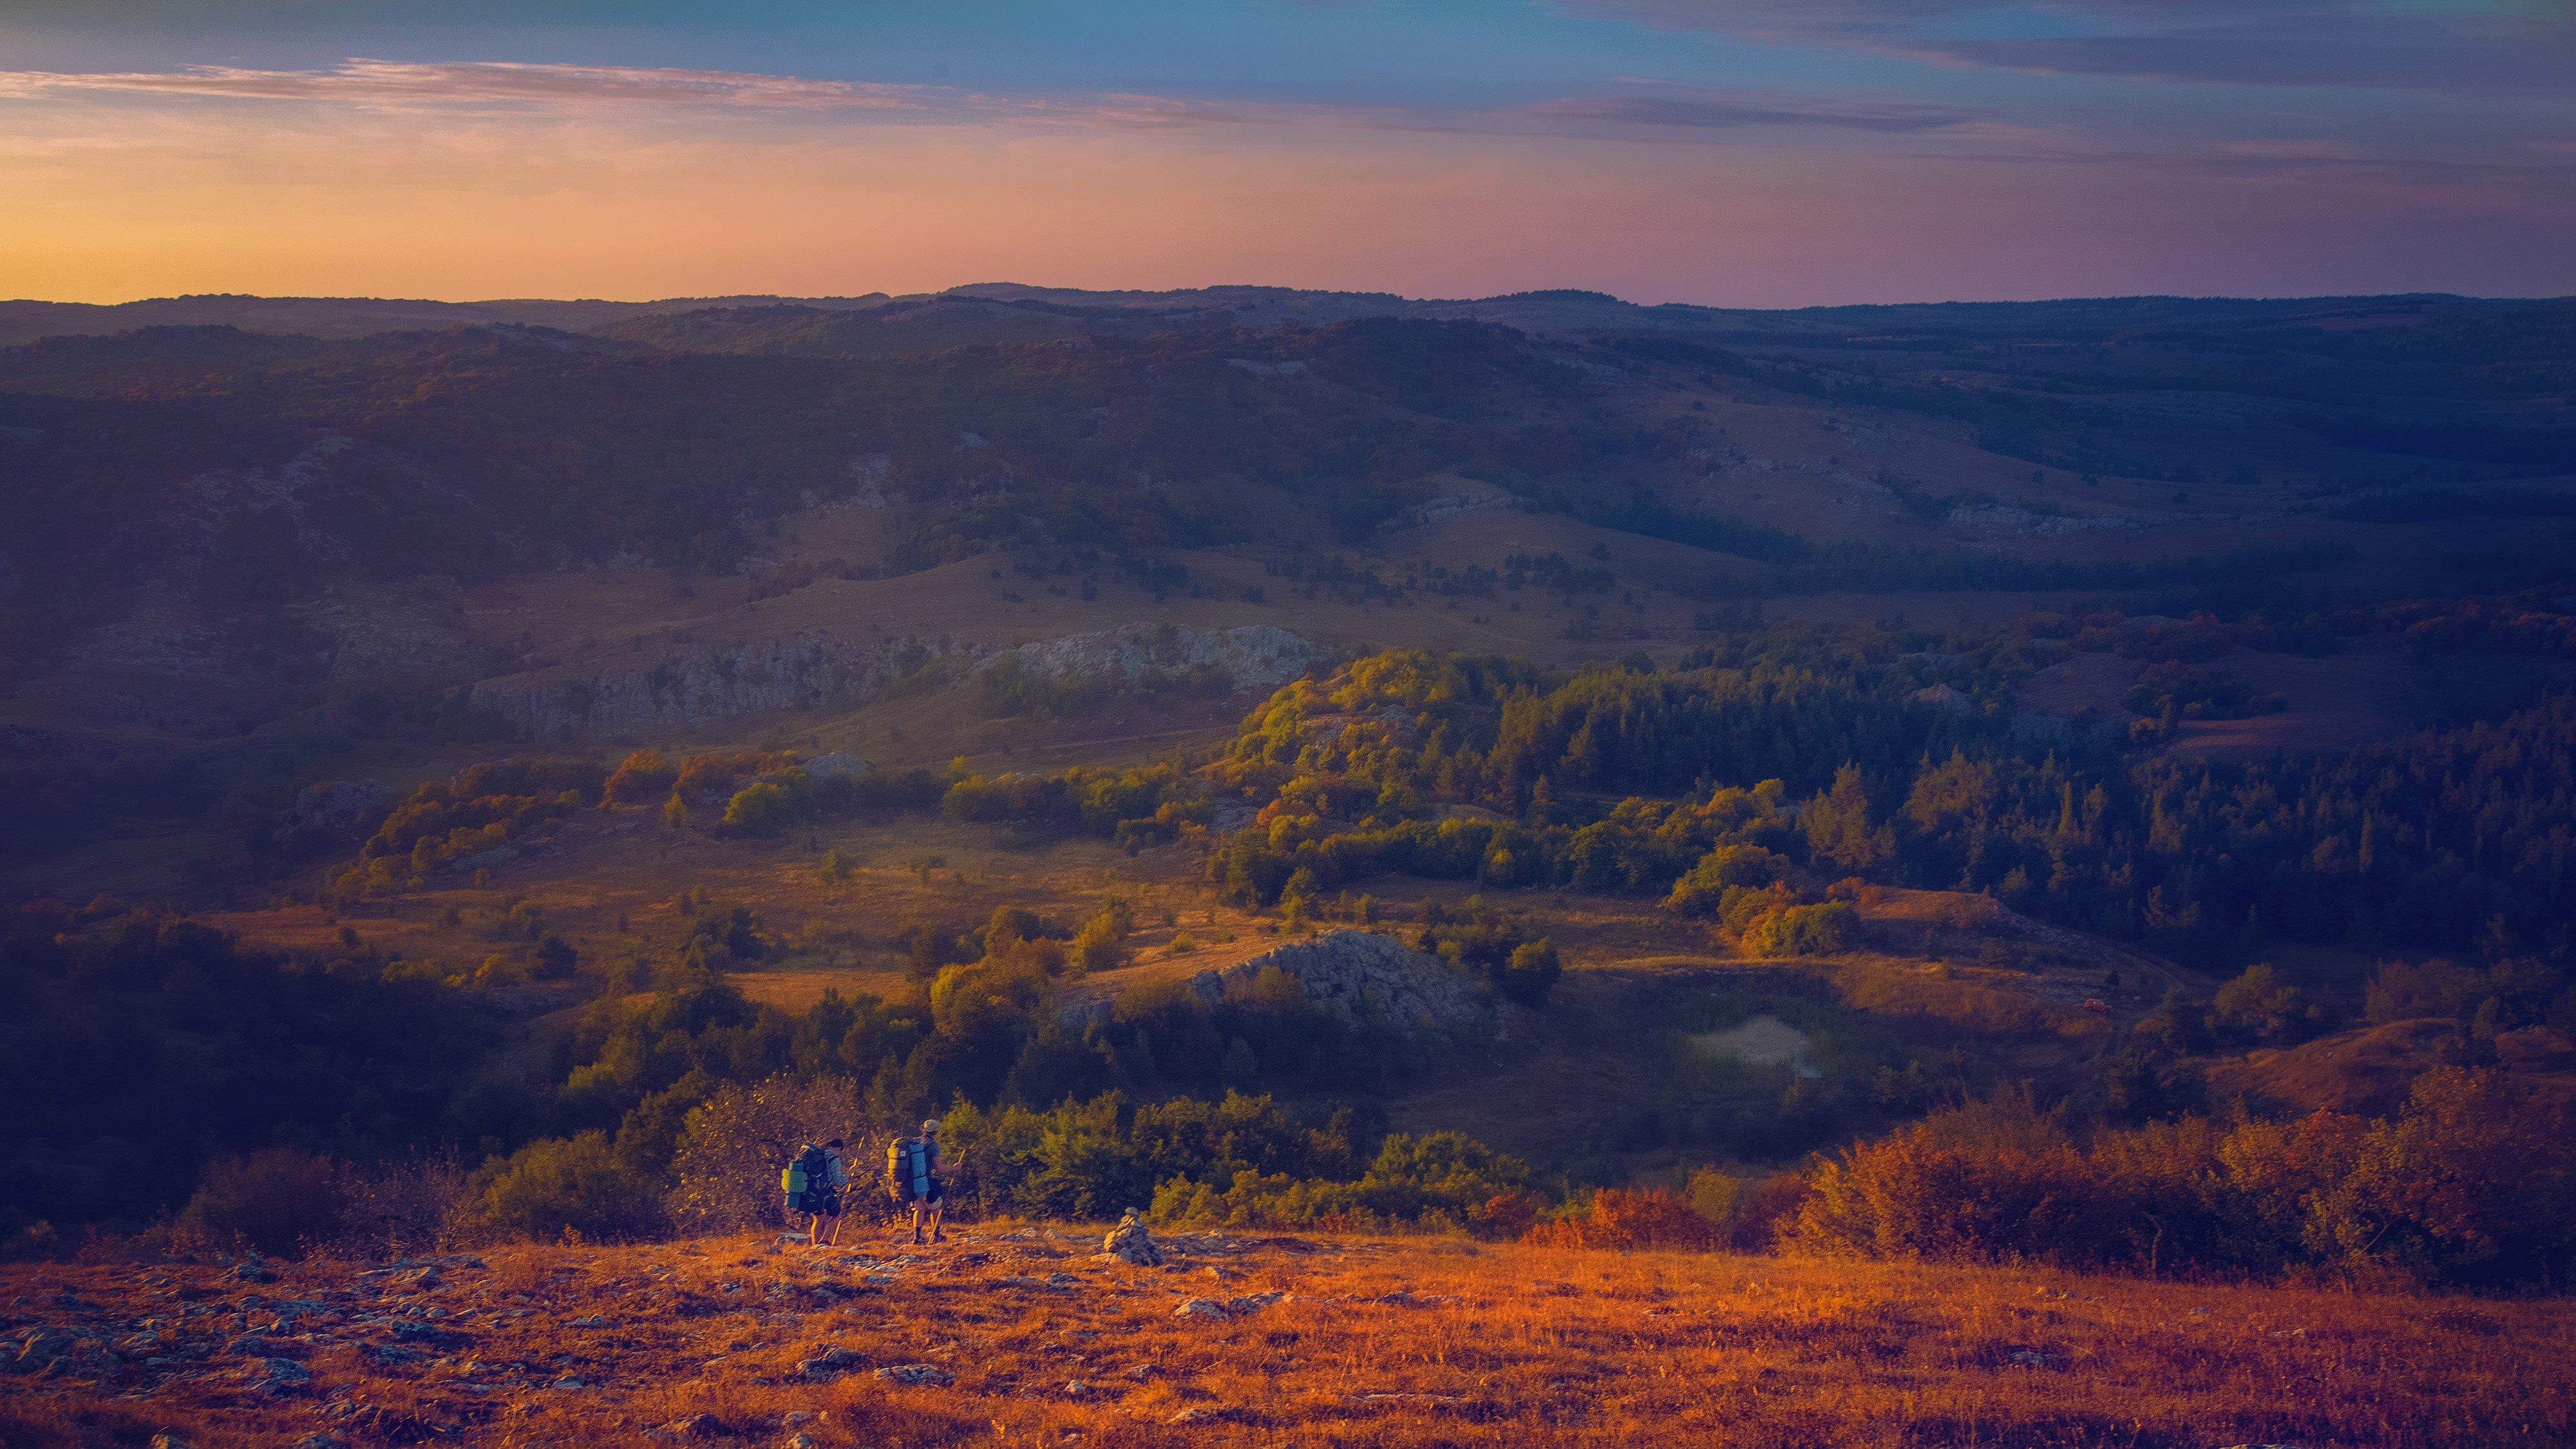 крым, солнце, свет, ай-петри, плато, долина, путешествие, путешественник, пейзаж, ландшафт, горы, яйла, Алексей Бордуков